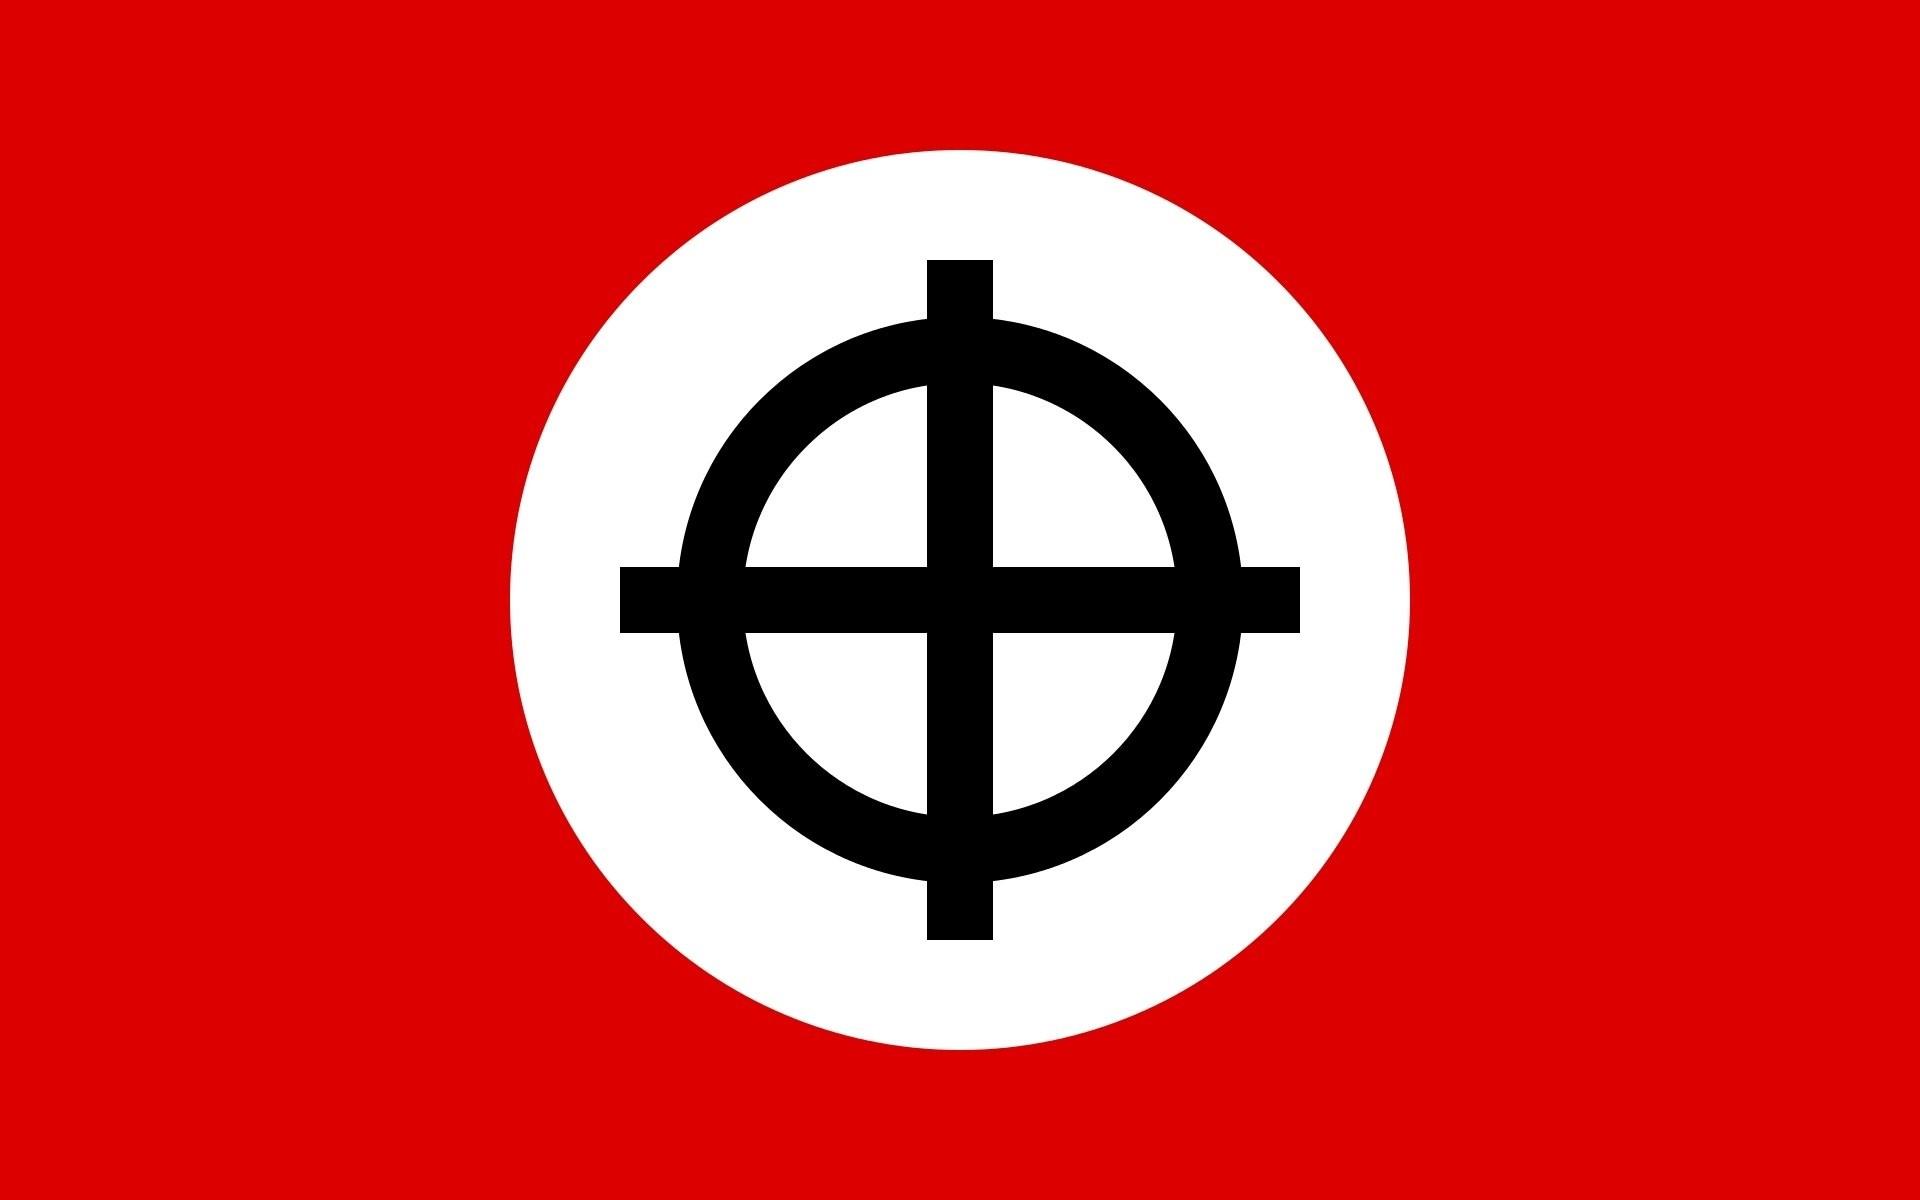 Res: 1920x1200, Misc - Celtic Cross Flag Wallpaper